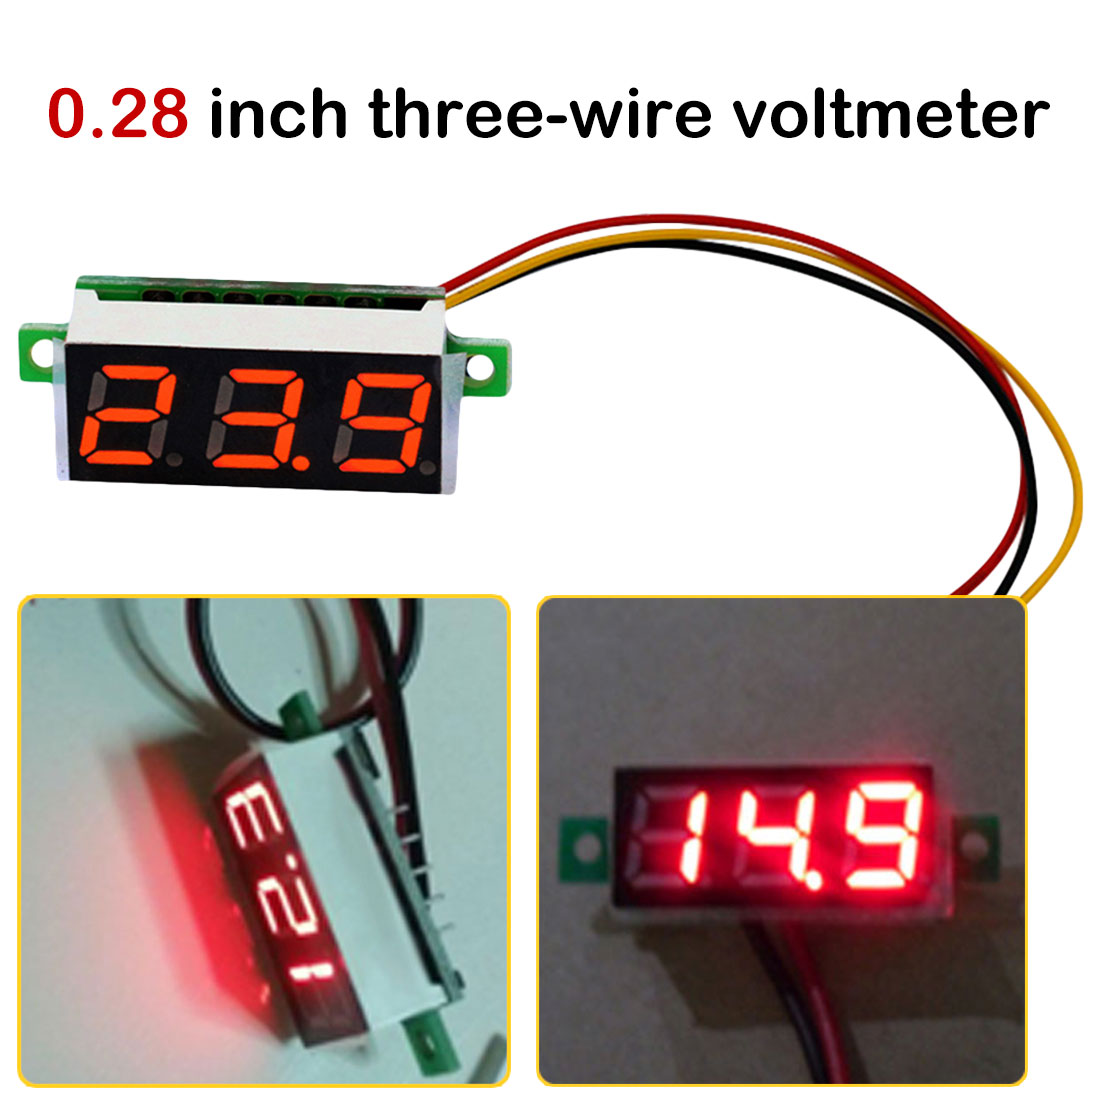 0.36 Inch DC LED Digital Voltmeter 0-100V Voltage Meter Auto Car Mobile Power Voltage Tester Detector 4-40V Red